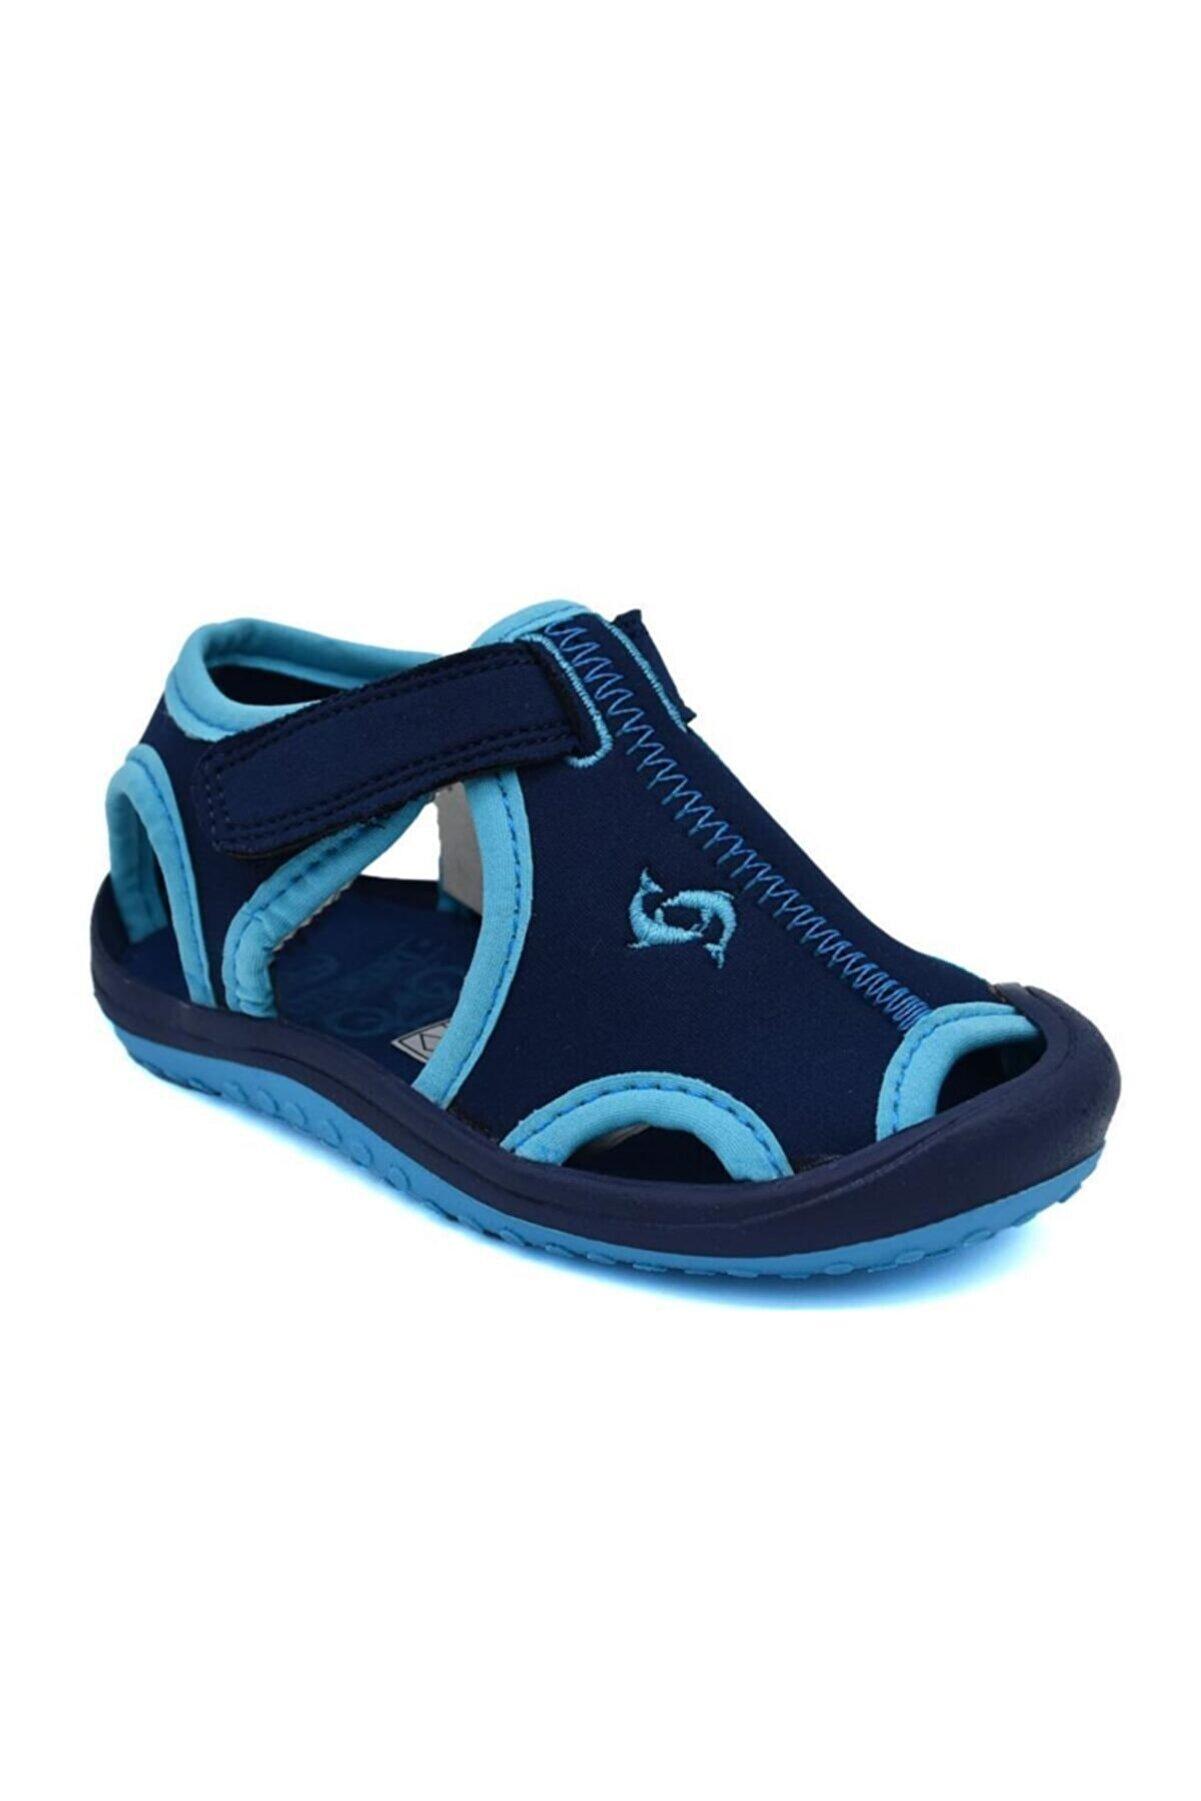 Lisanslı Markalar Erkek Çocuk Lacivert Günlük Sandalet